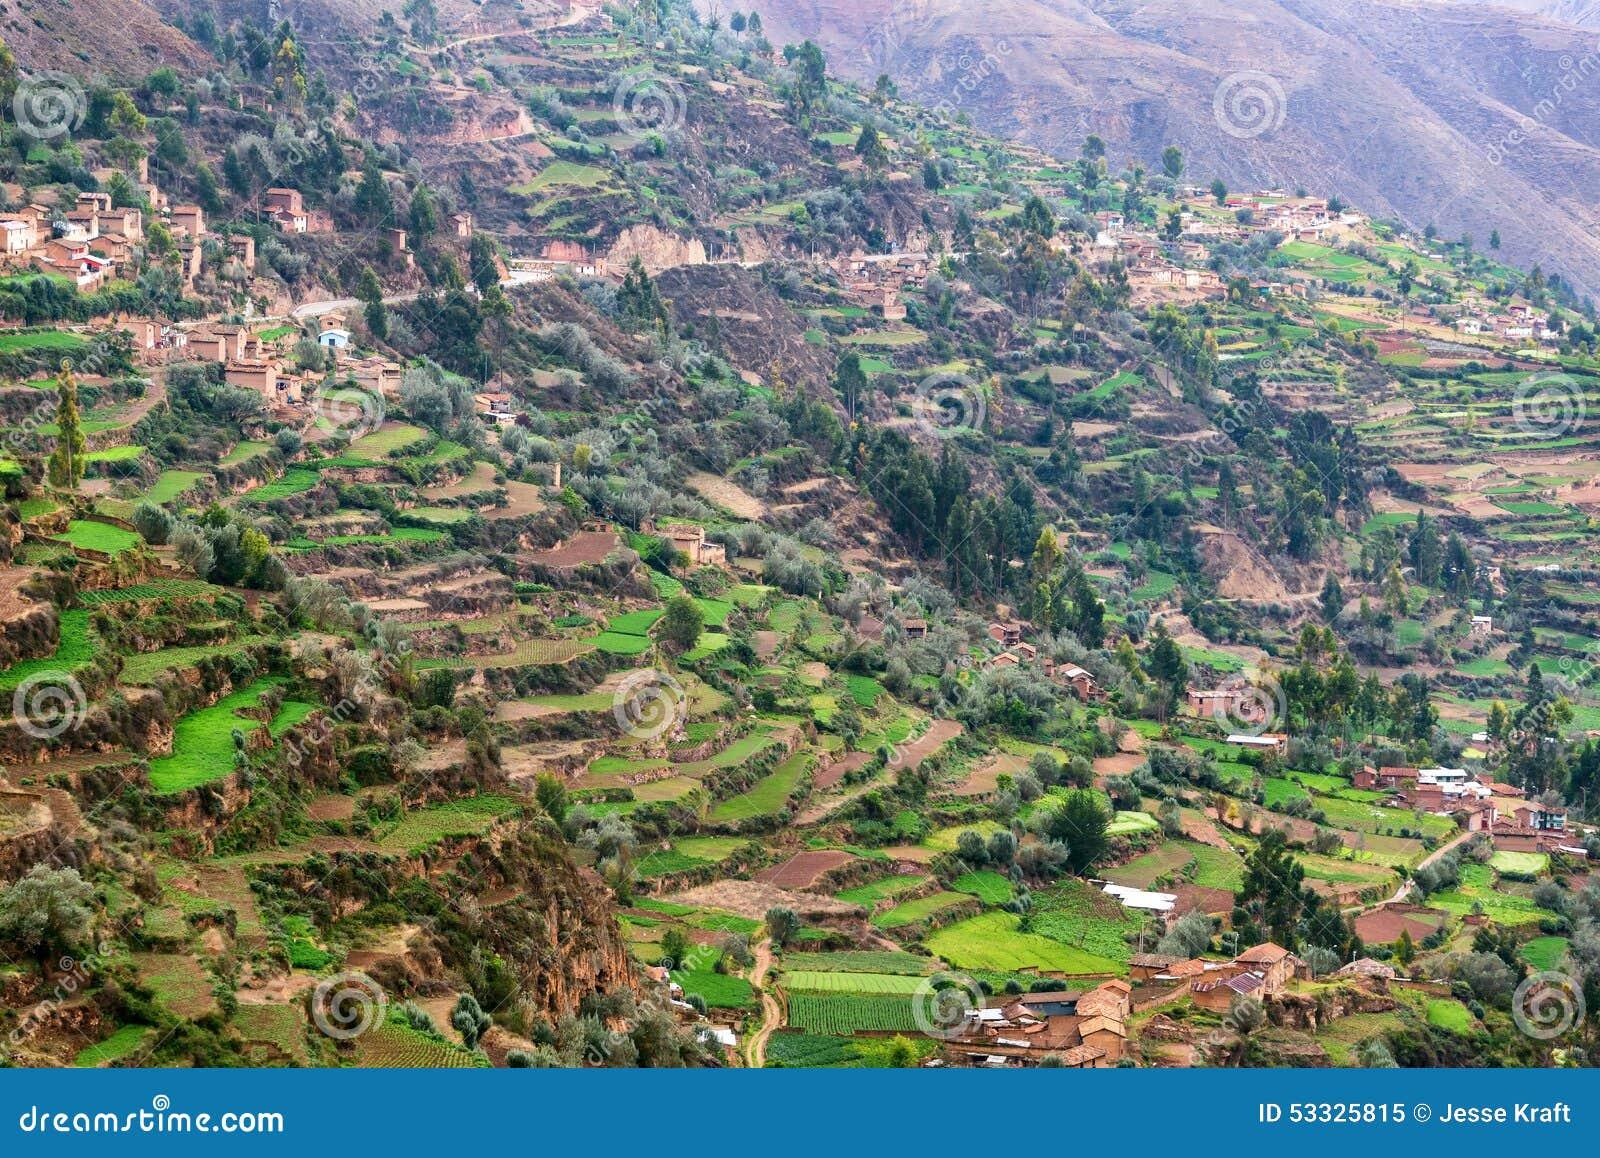 Cultivo De Terrazas En Perú Imagen De Archivo Imagen De